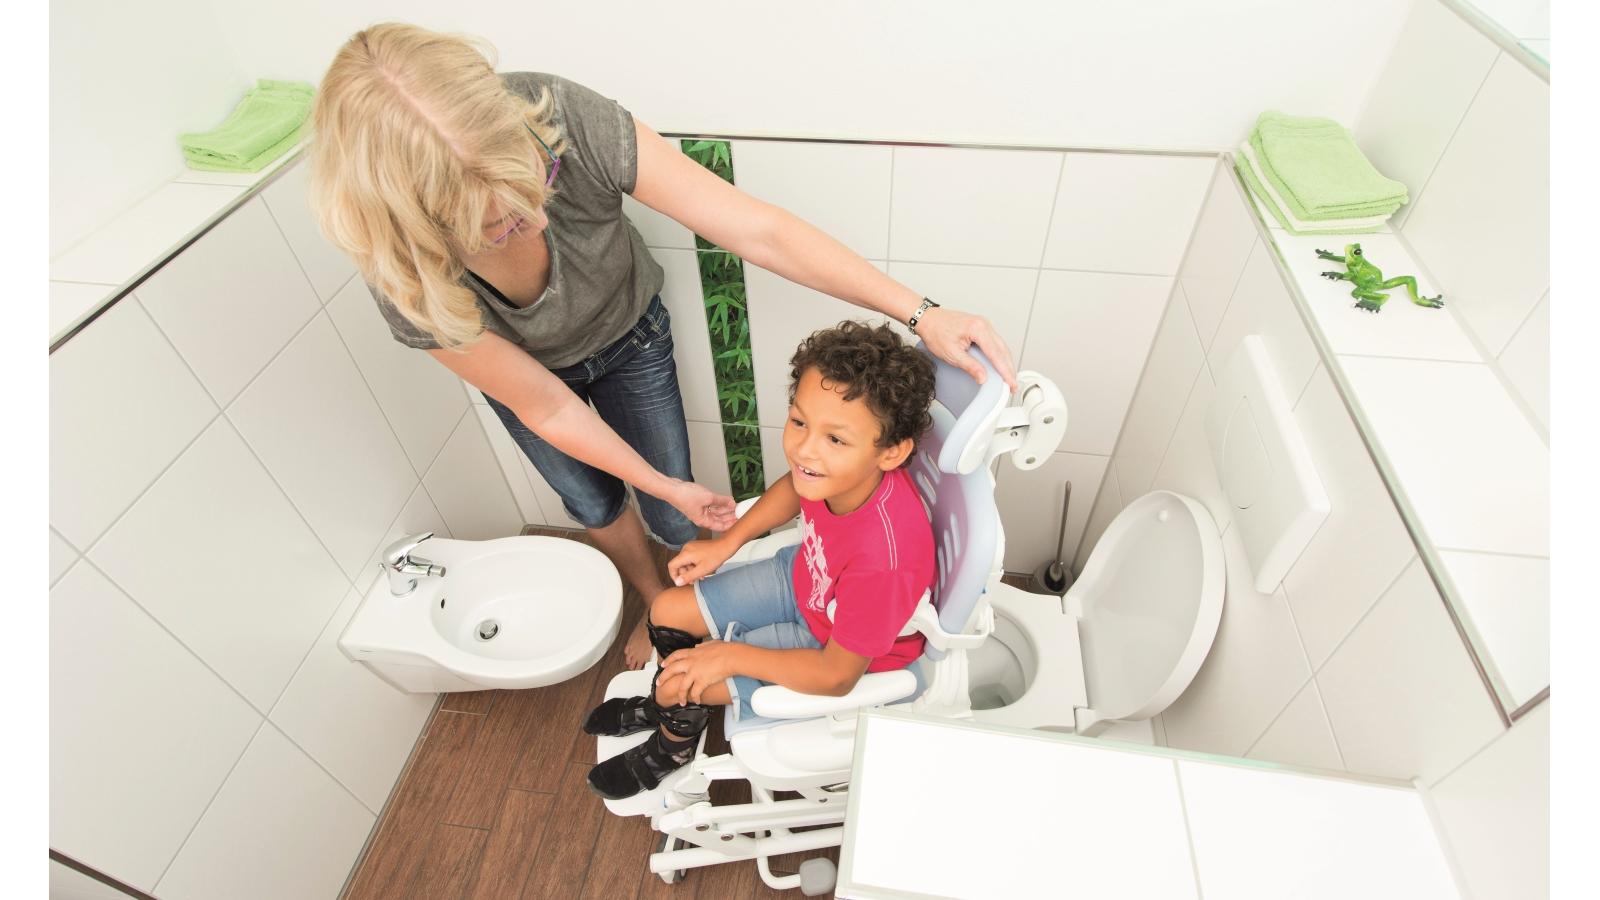 """Hilfsmittel-Ratgeber """"Toilettenstuhl-Nutzung über dem WC-Becken"""